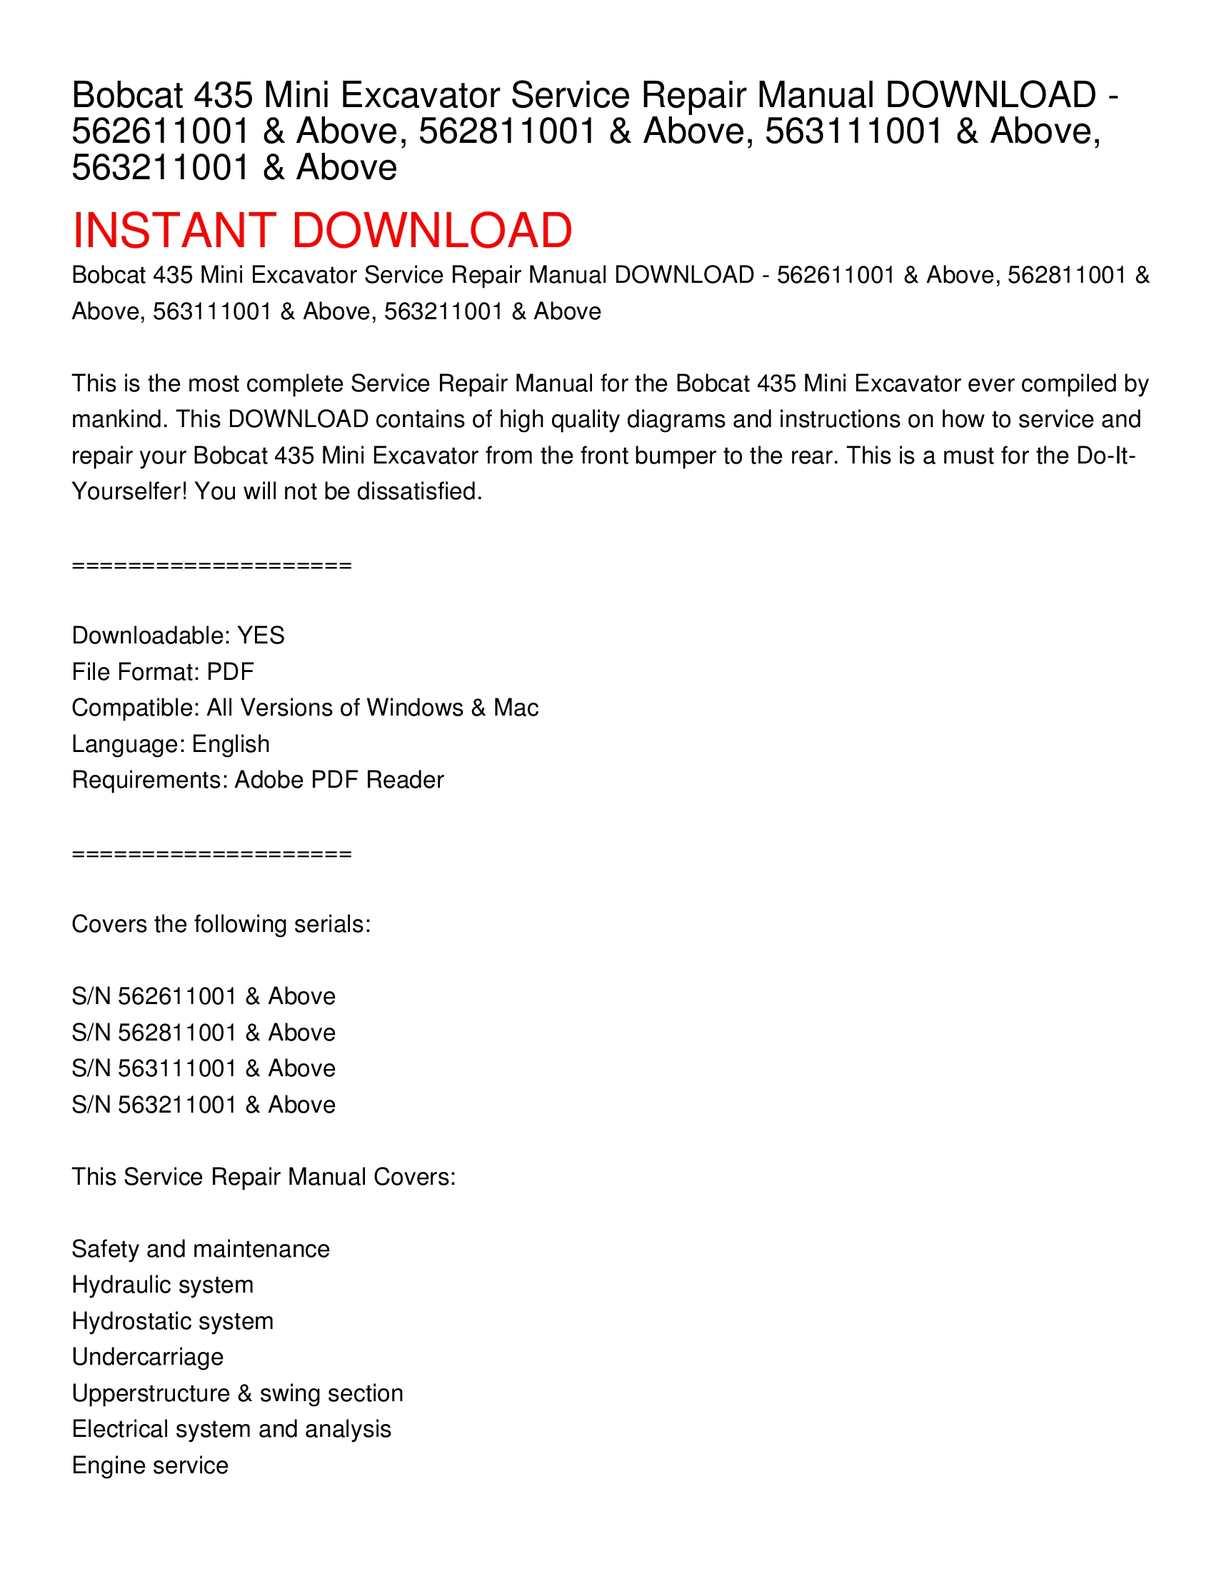 calam o bobcat 435 mini excavator service repair manual download rh calameo com Bobcat Service Manual PDF 763 Bobcat Skid Steer Manual